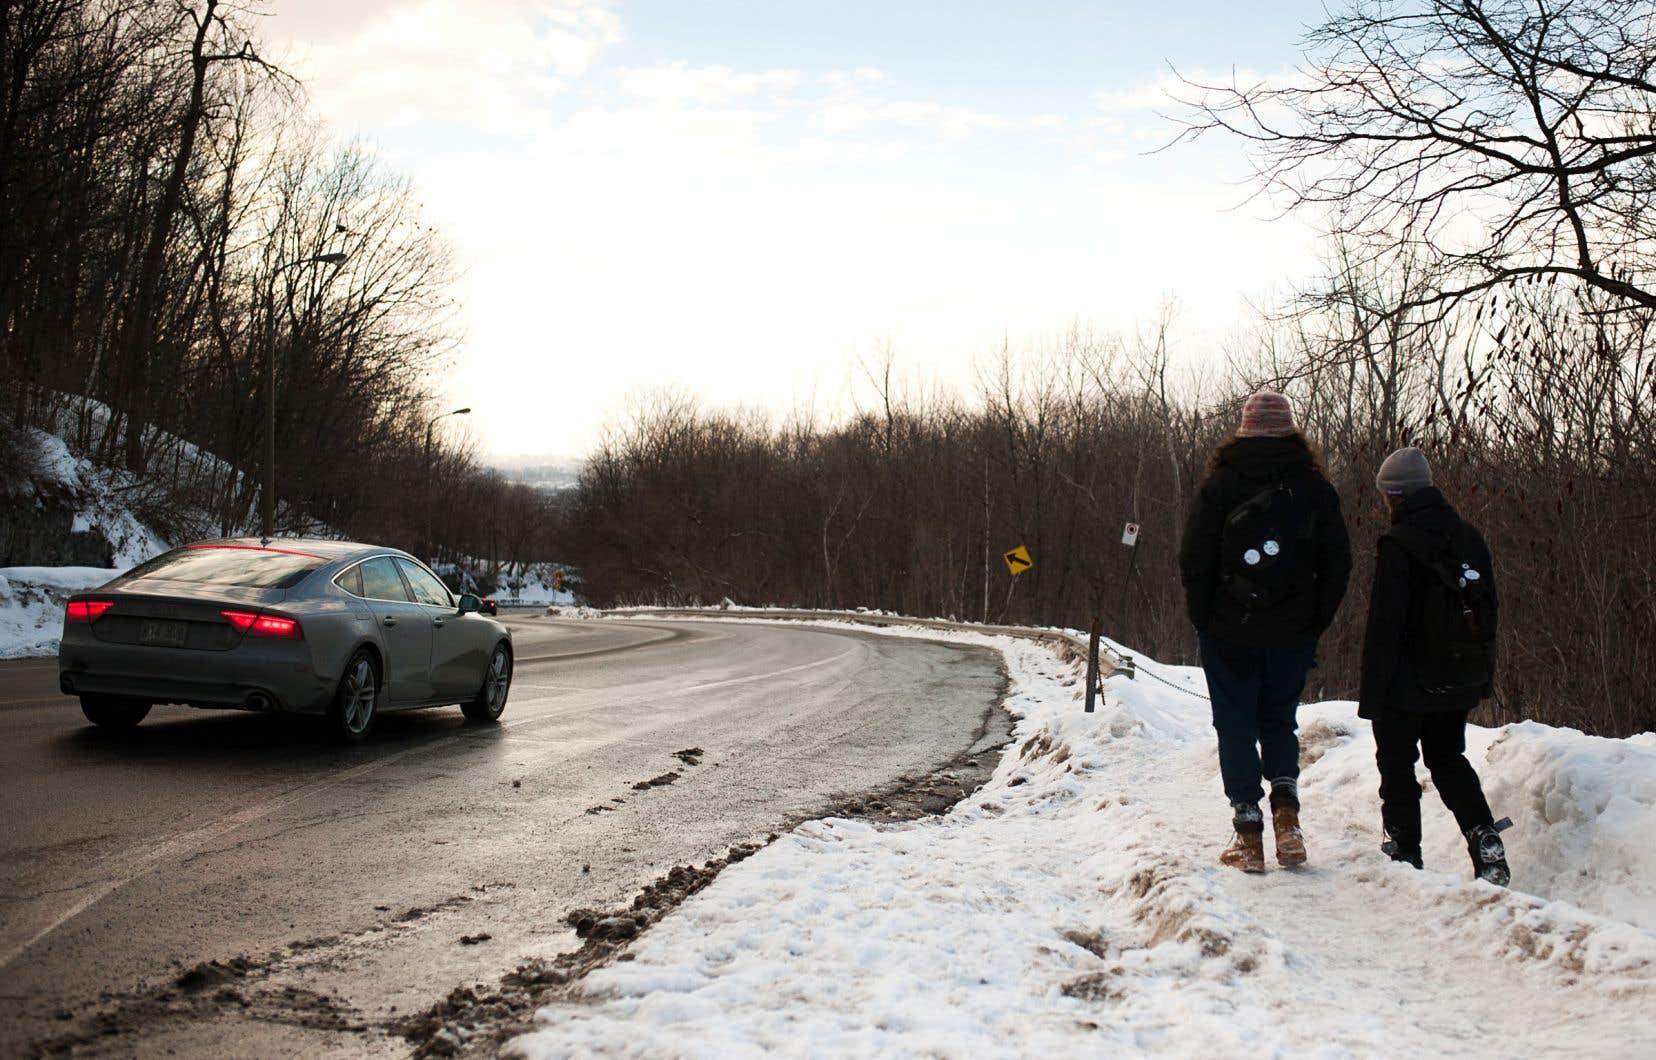 À l'heure actuelle, la largeur de cette route atteindrait 33 mètres à certains endroits.